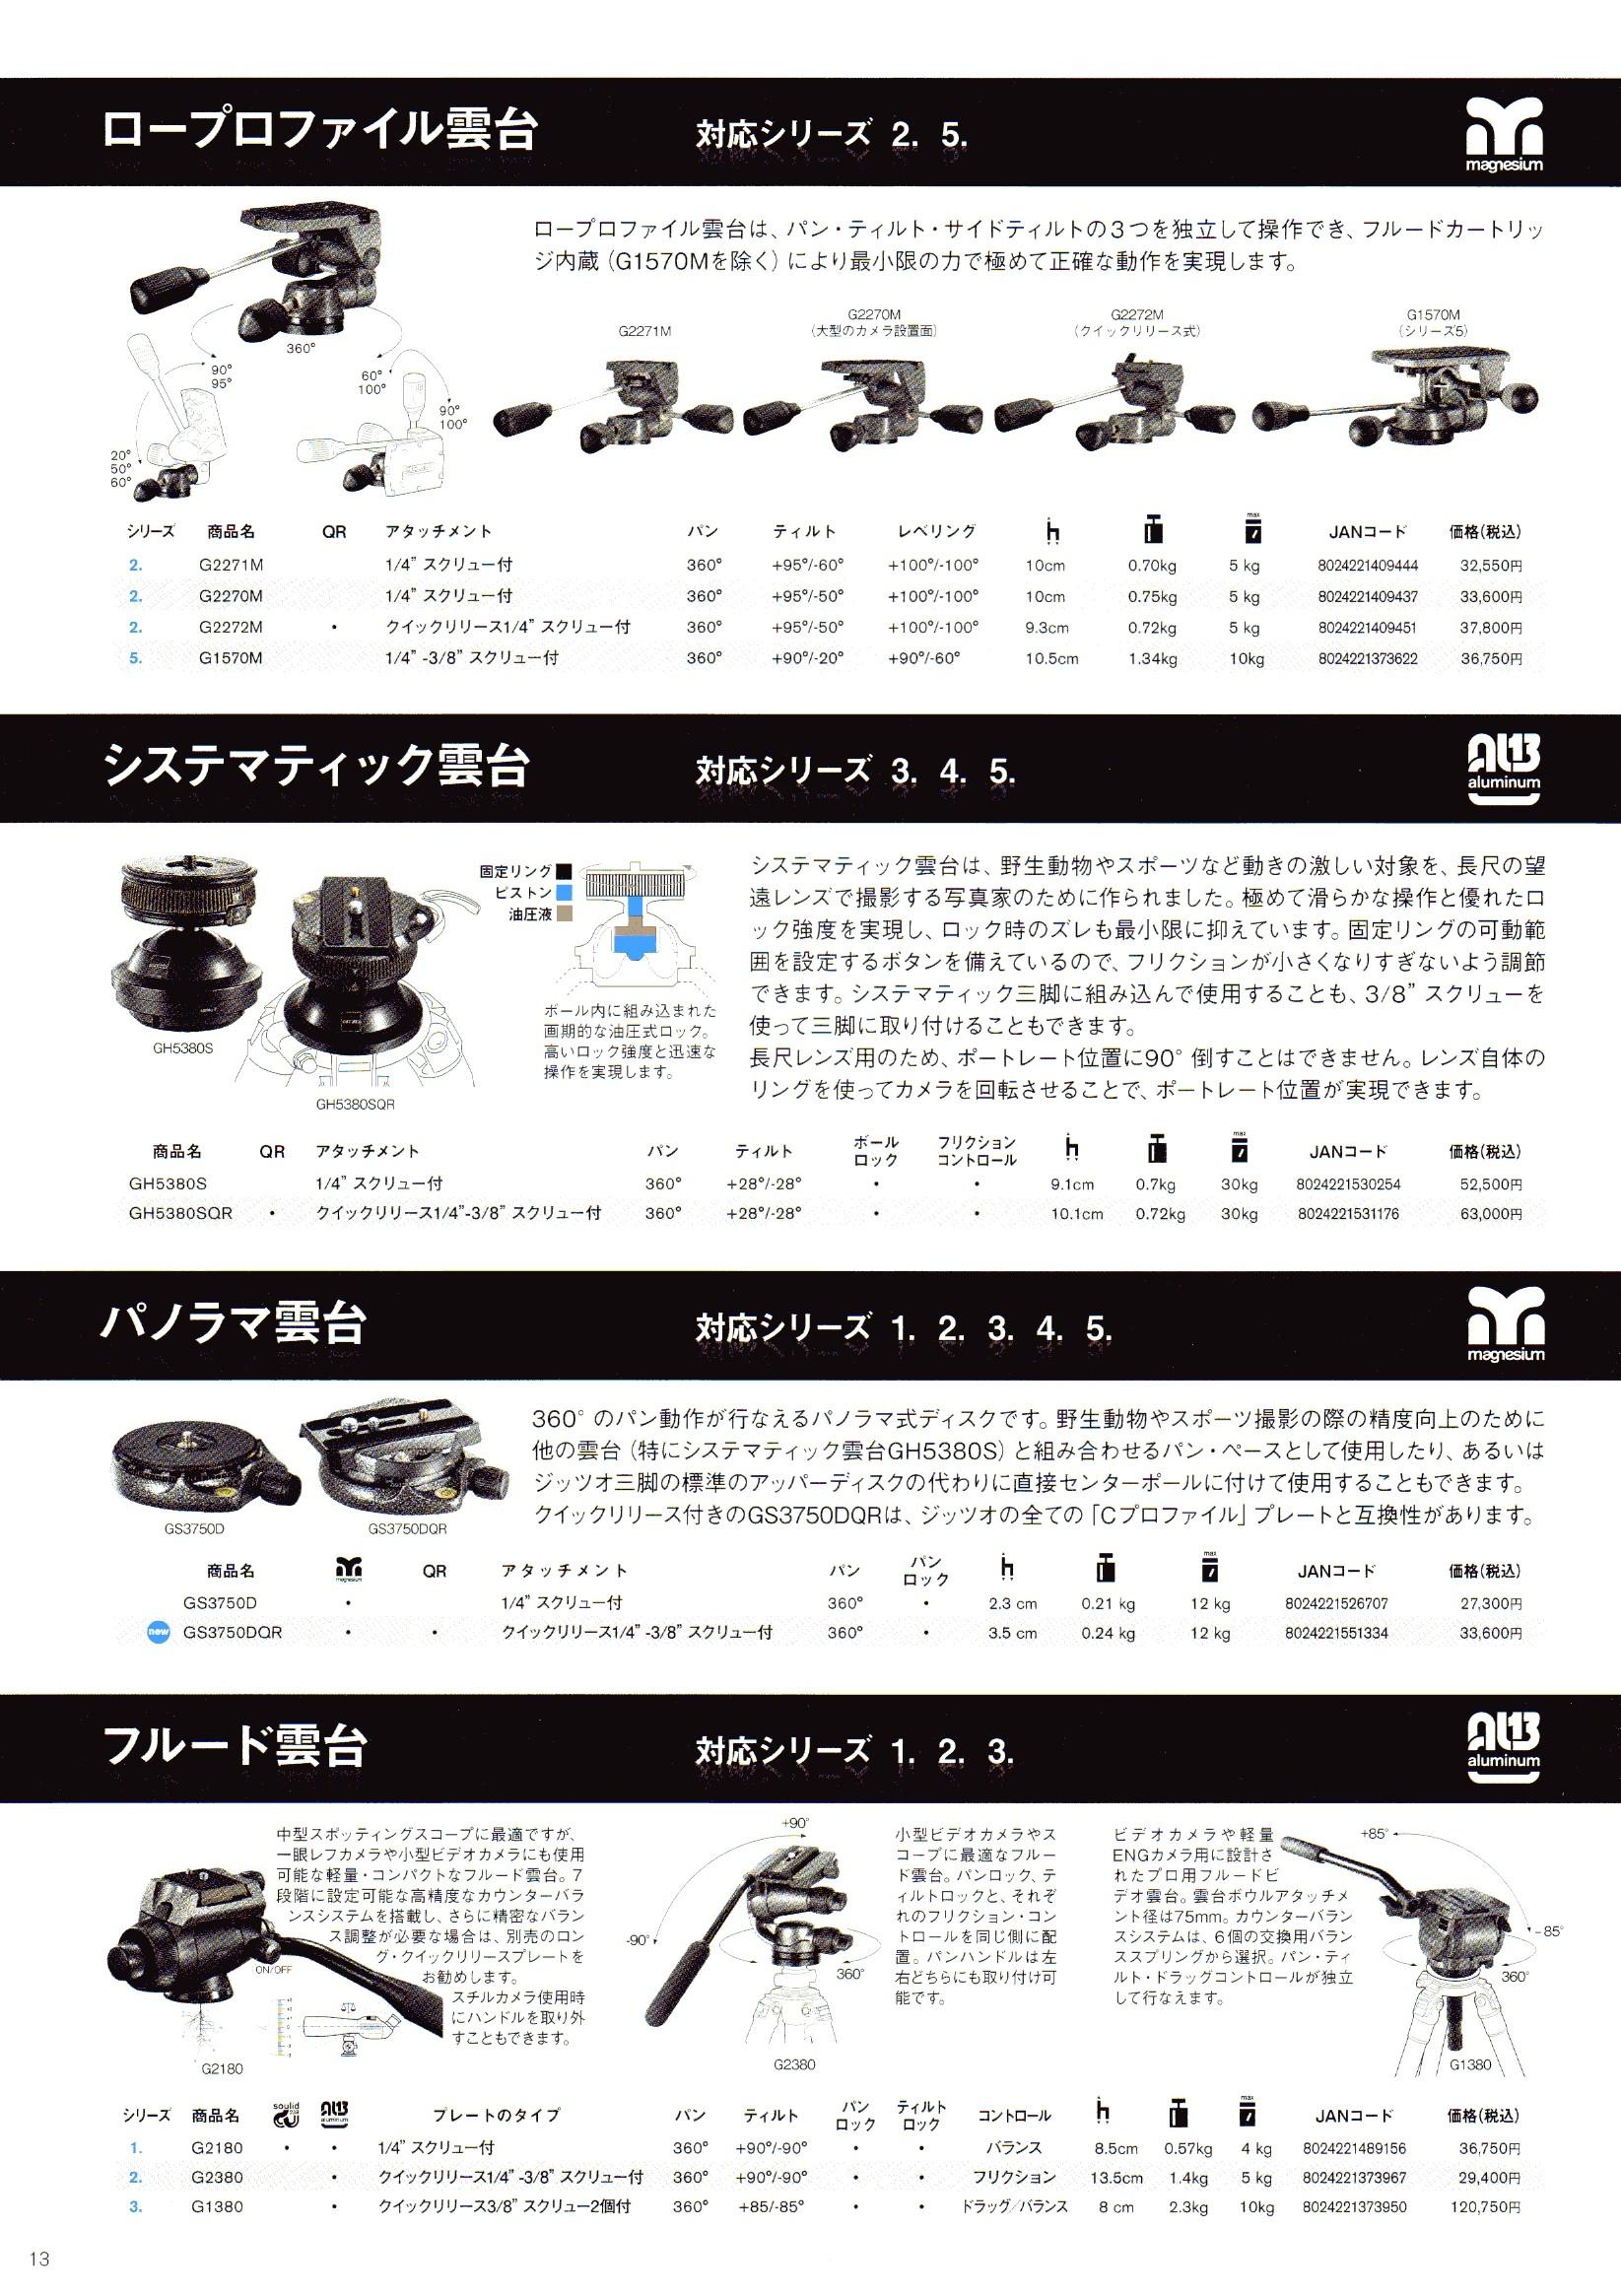 デジタル一眼レフカメラ比較・選び方入門 デジ一.com GITZO(ジッツオ/ジッツォ)最新カタログ P013(3ウェイ雲台 パノラマ雲台など)